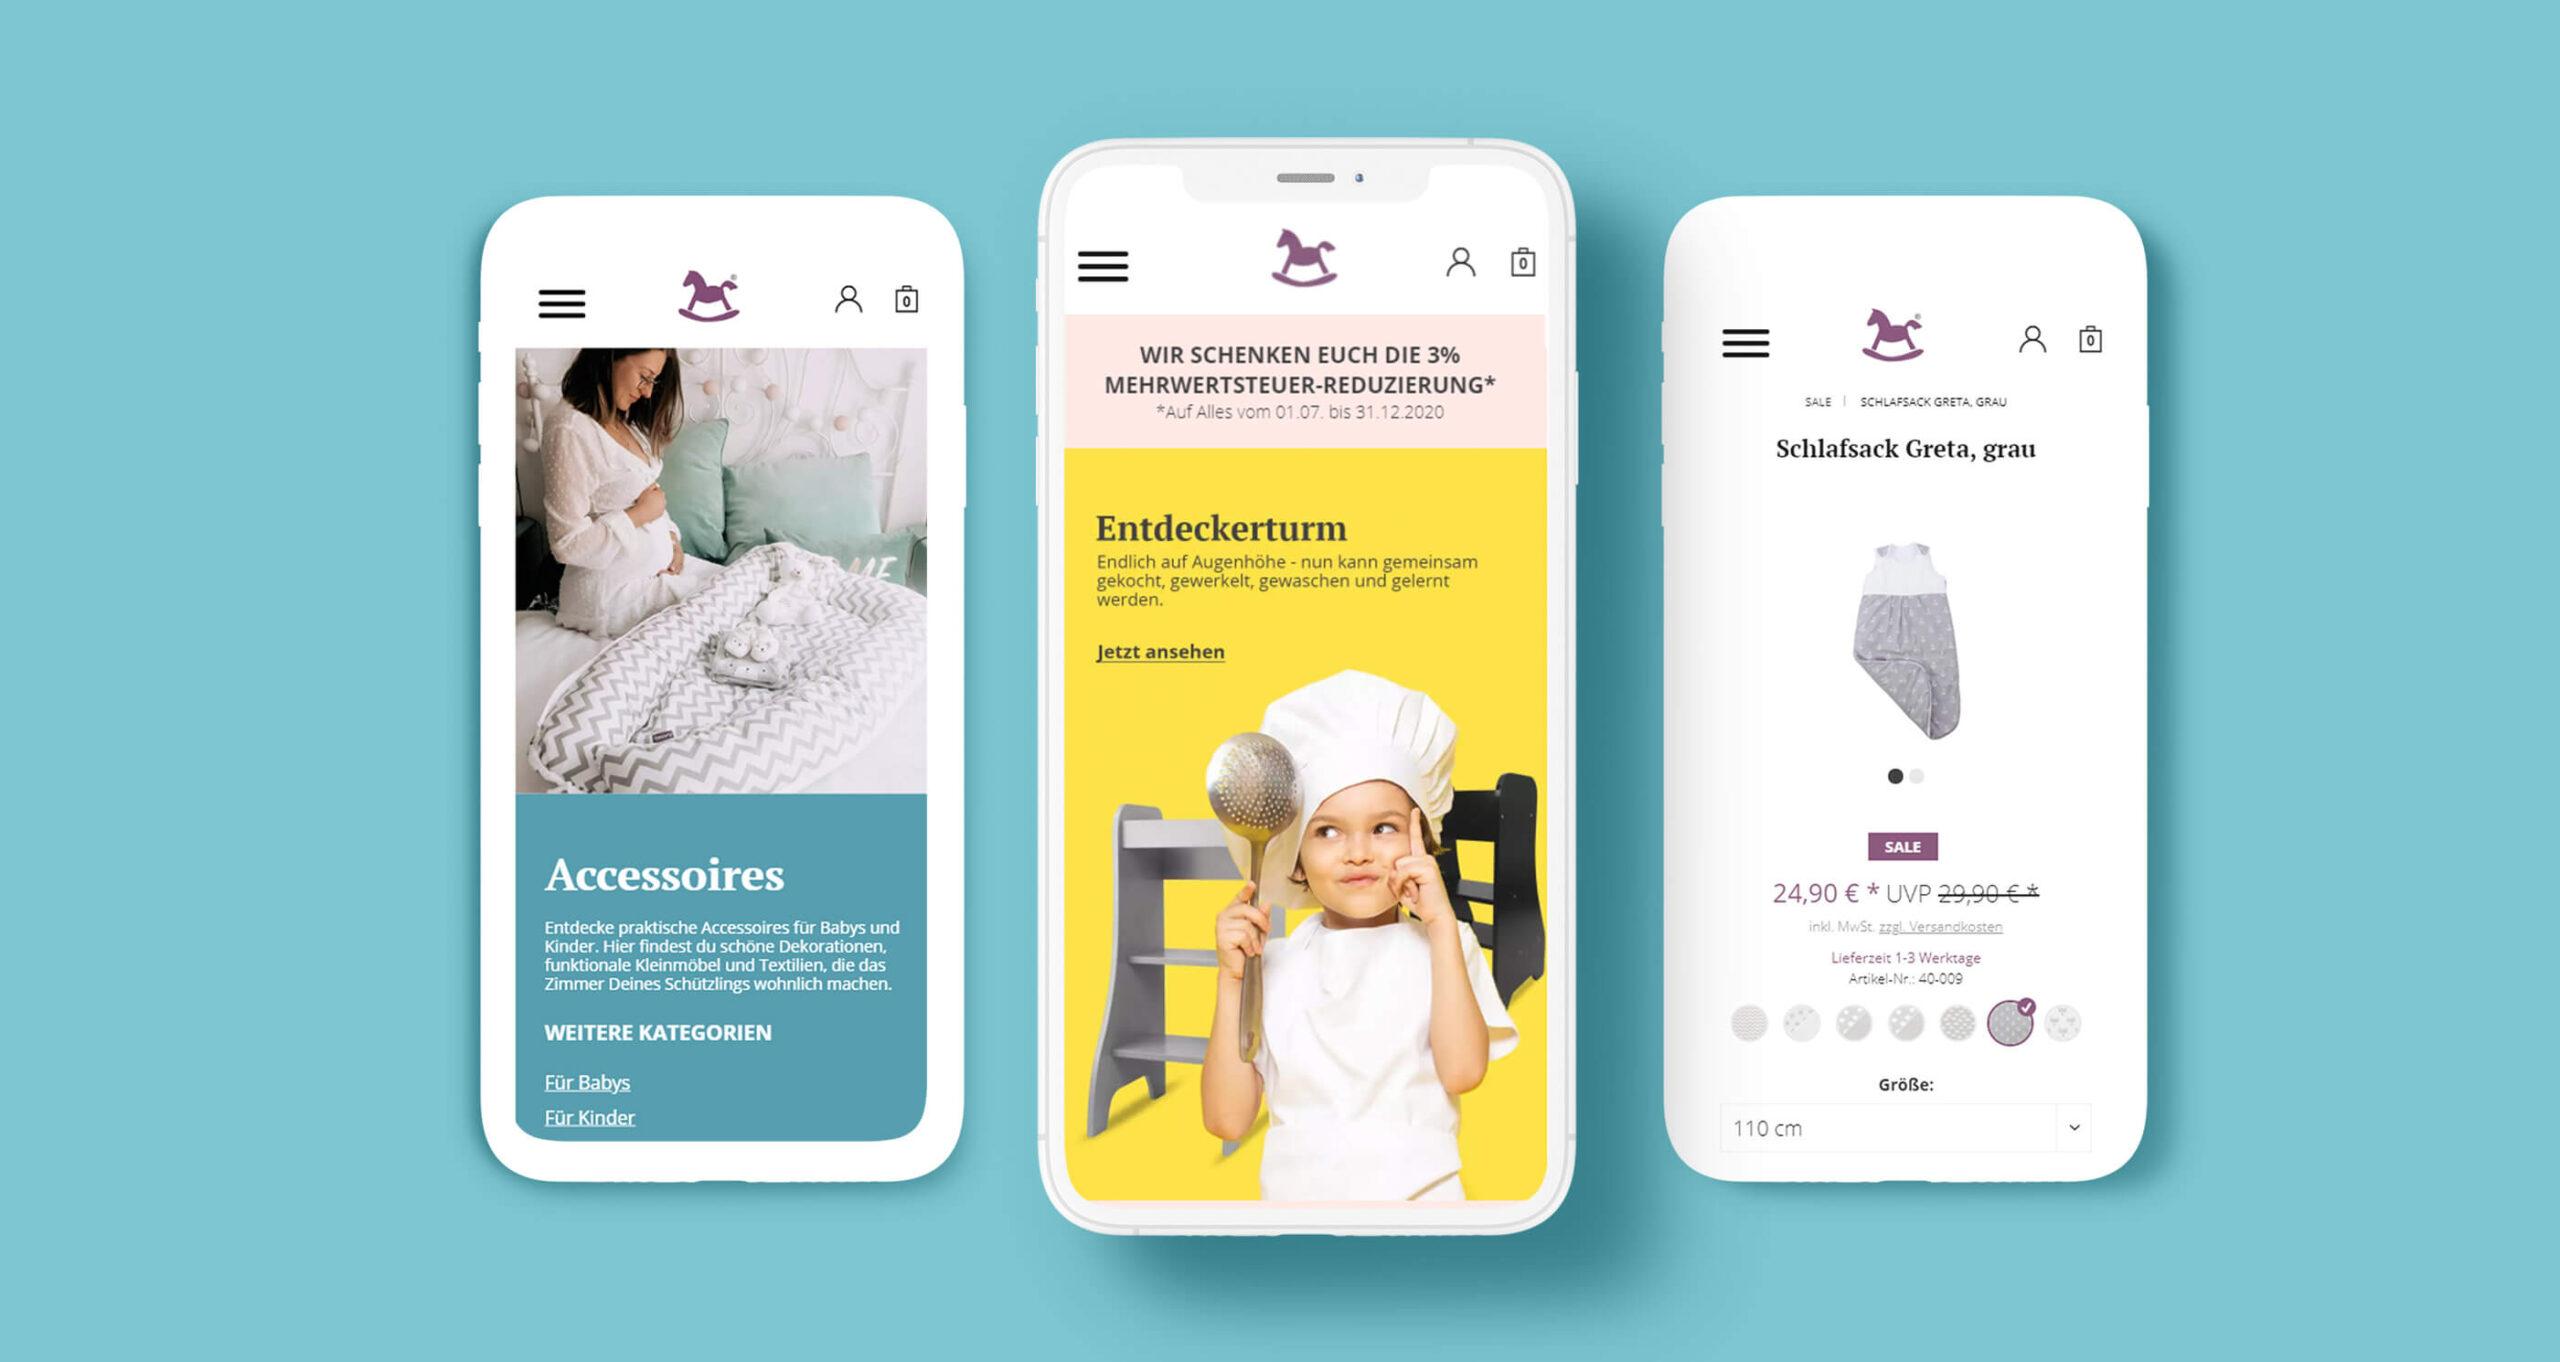 Layout und Logo der E-Commerce-Agentur: BS-Style GmbH. Darstellung der mobilen Ansicht des Onlineshops puckdaddy.de